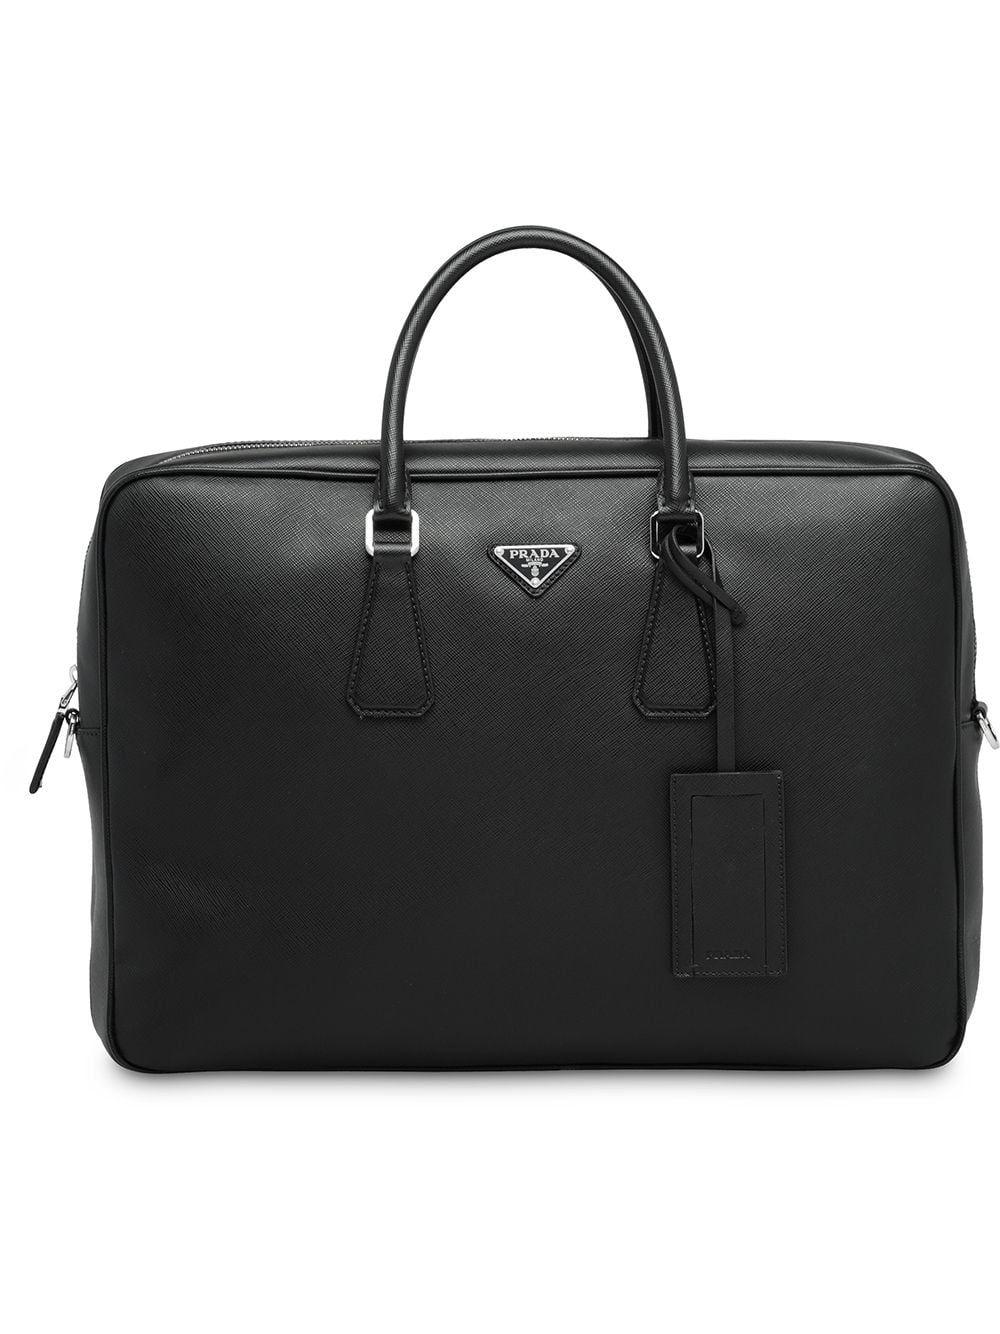 8677e43fde9a2 PRADA PRADA SAFFIANO LEATHER BRIEFCASE - BLACK.  prada  bags  leather